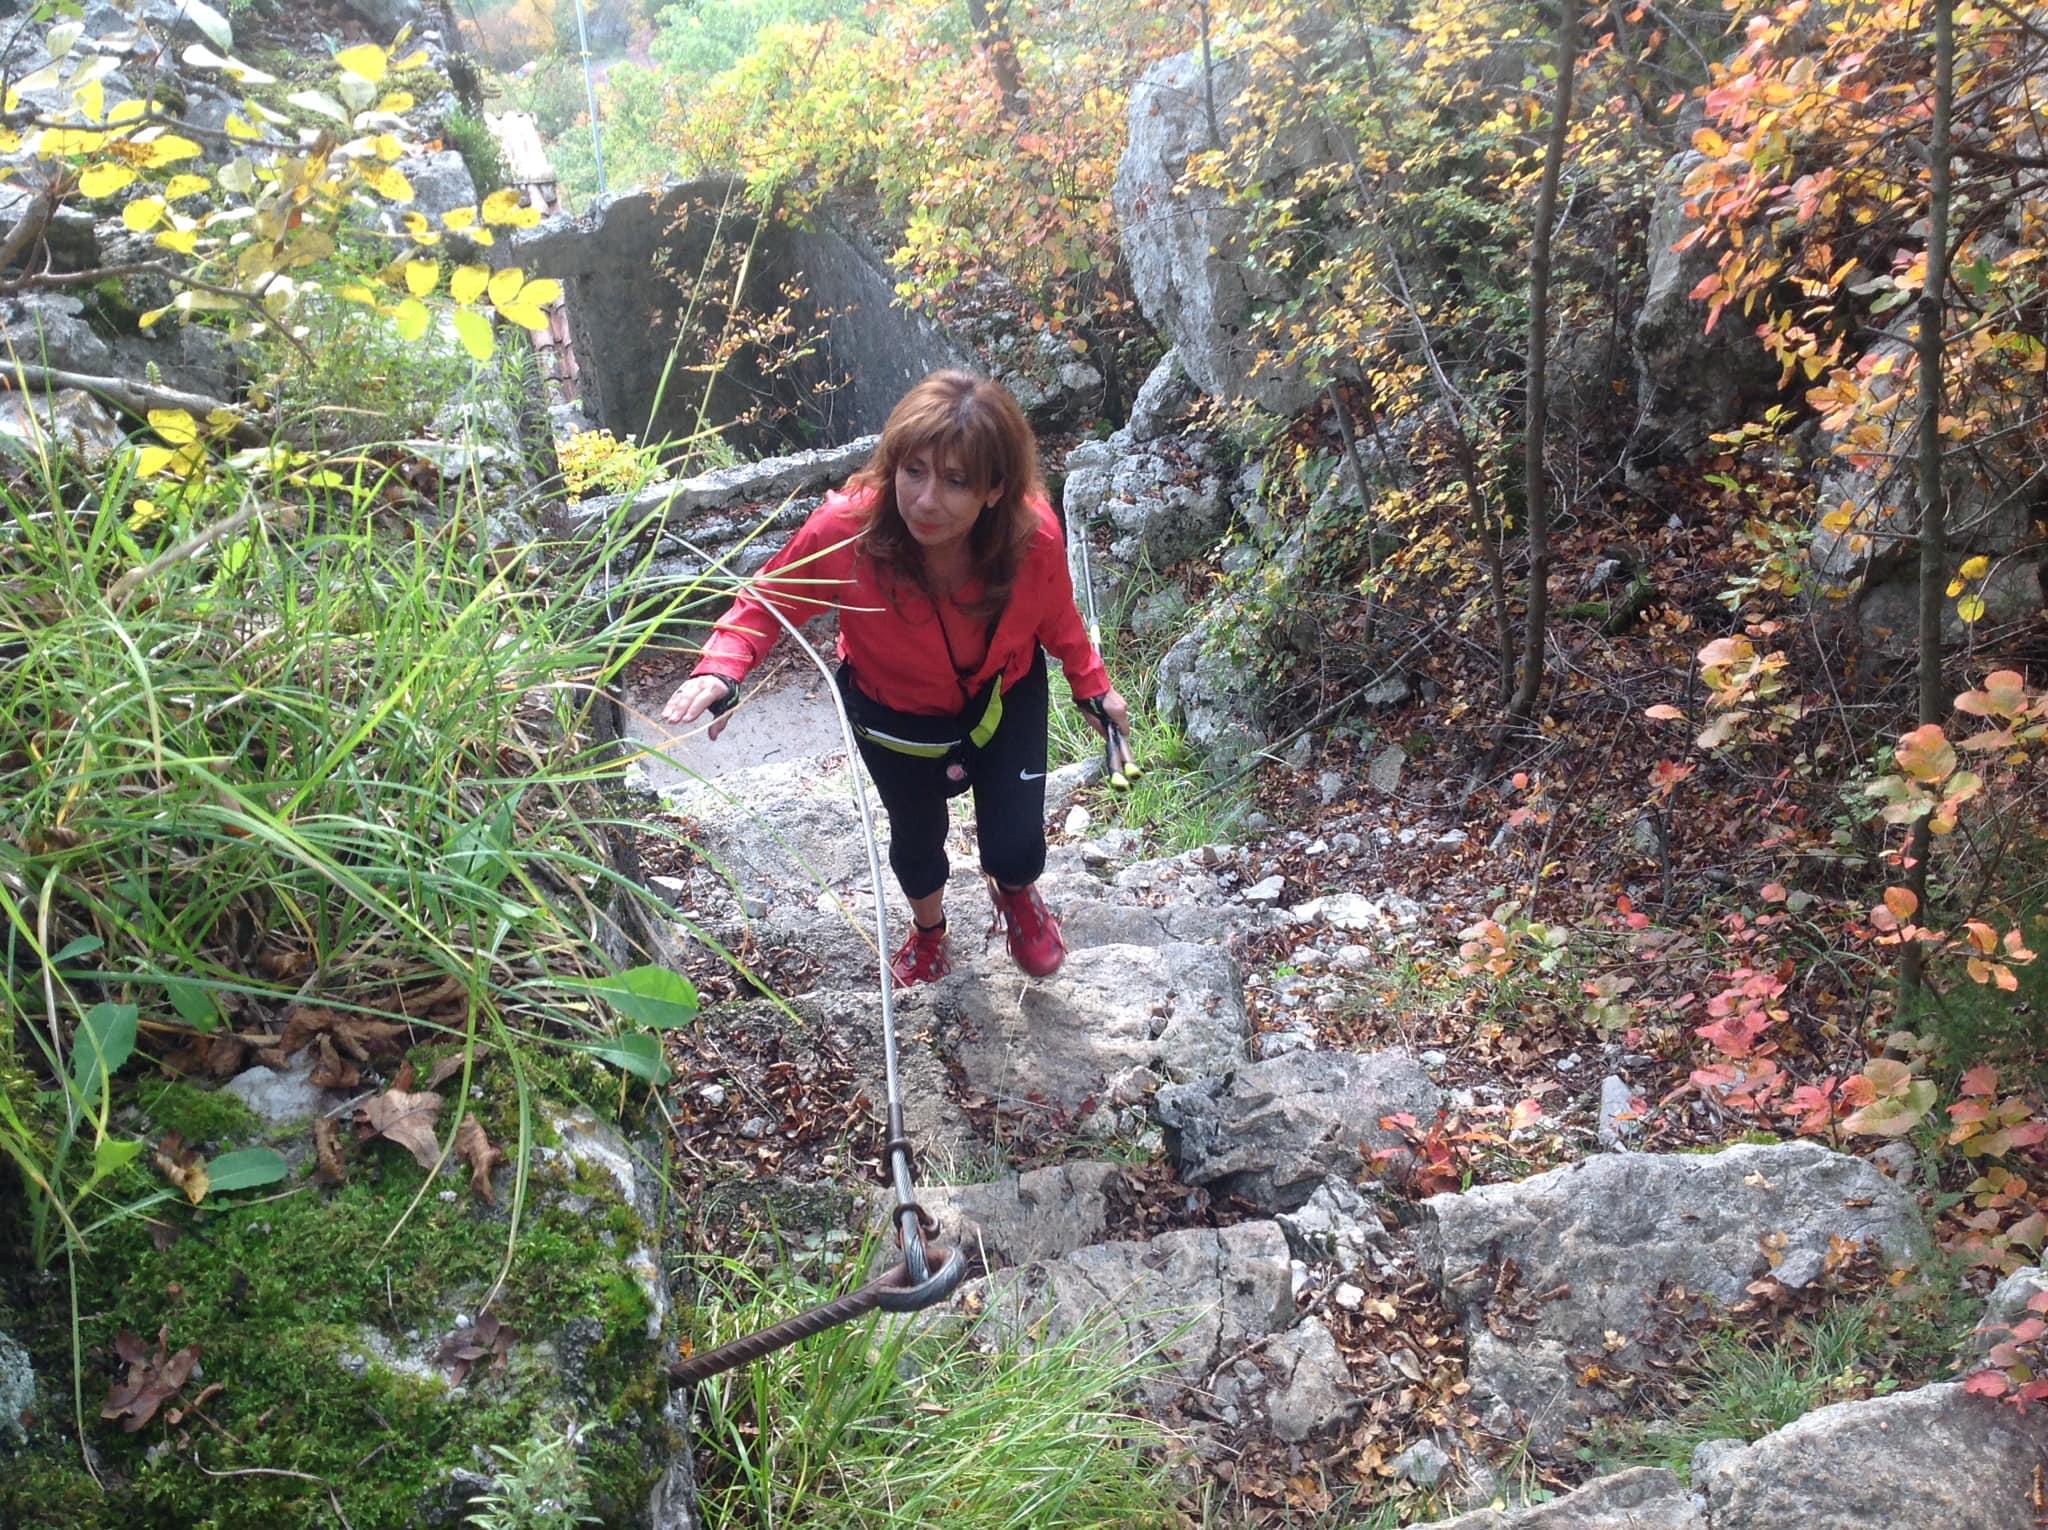 2020-10-28 Nordic Walking - Doberdò del Lago, Rifugio Cadorna, Gradina (S) (7)